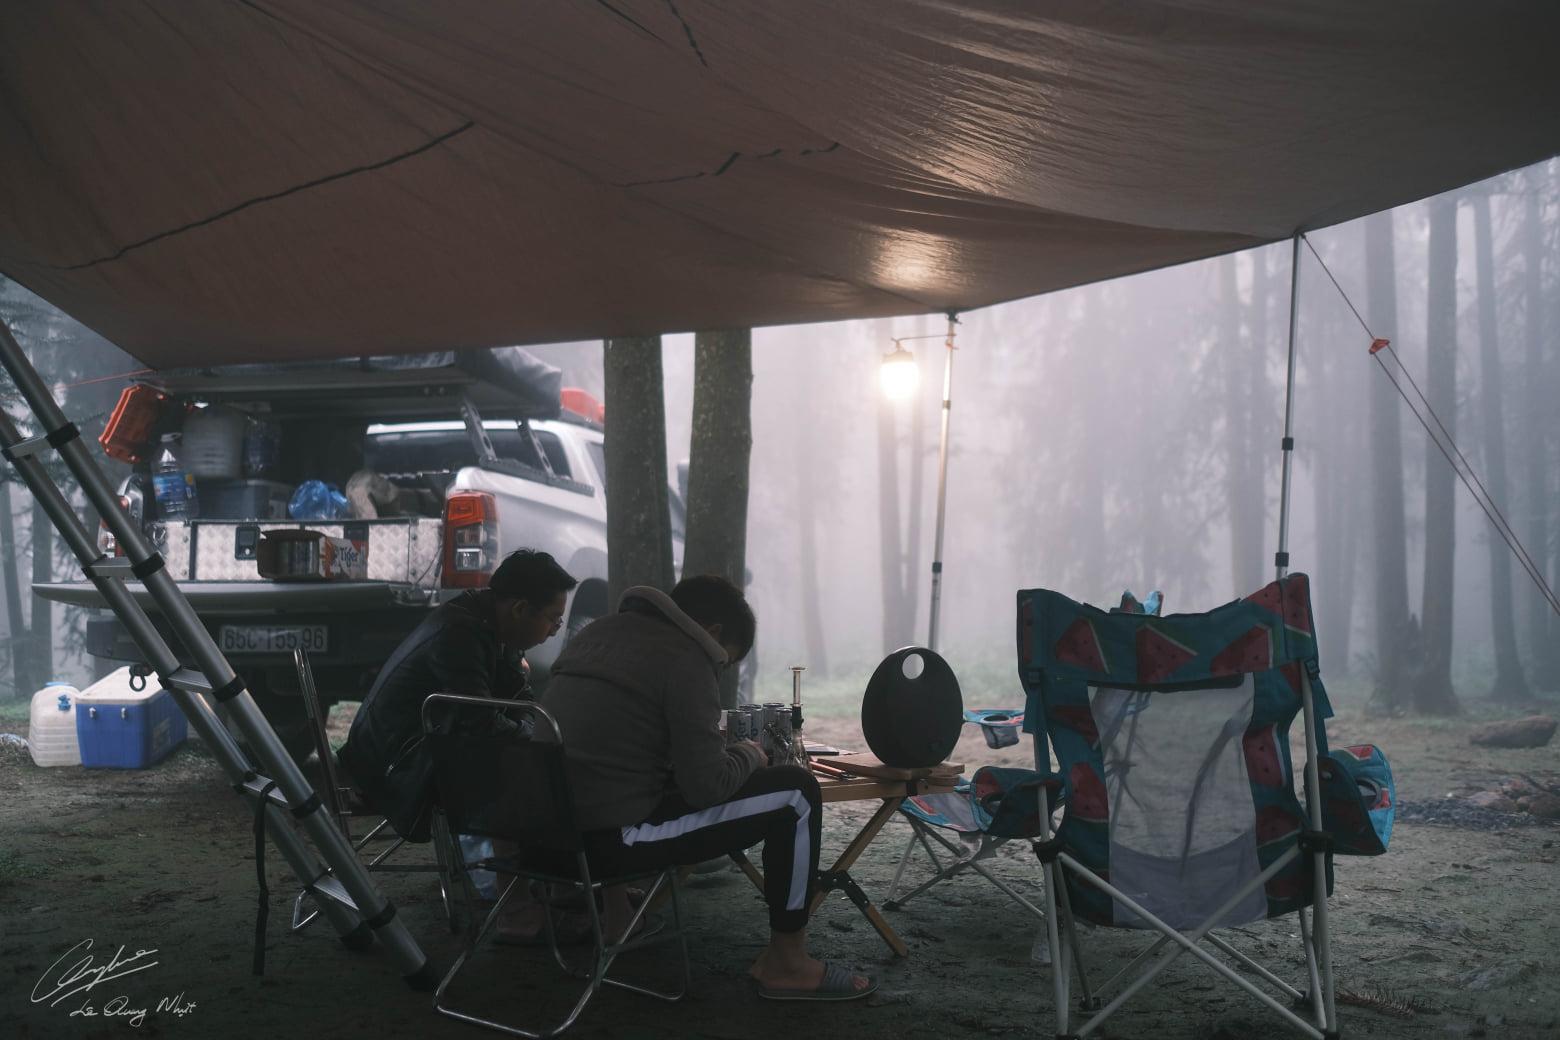 Muốn đi cắm trại từ núi non đến ven biển trong phạm vi 300km, chẳng thể bỏ lỡ những địa danh vô cùng đẹp, các camper nên chinh phục 1 lần - Ảnh 5.